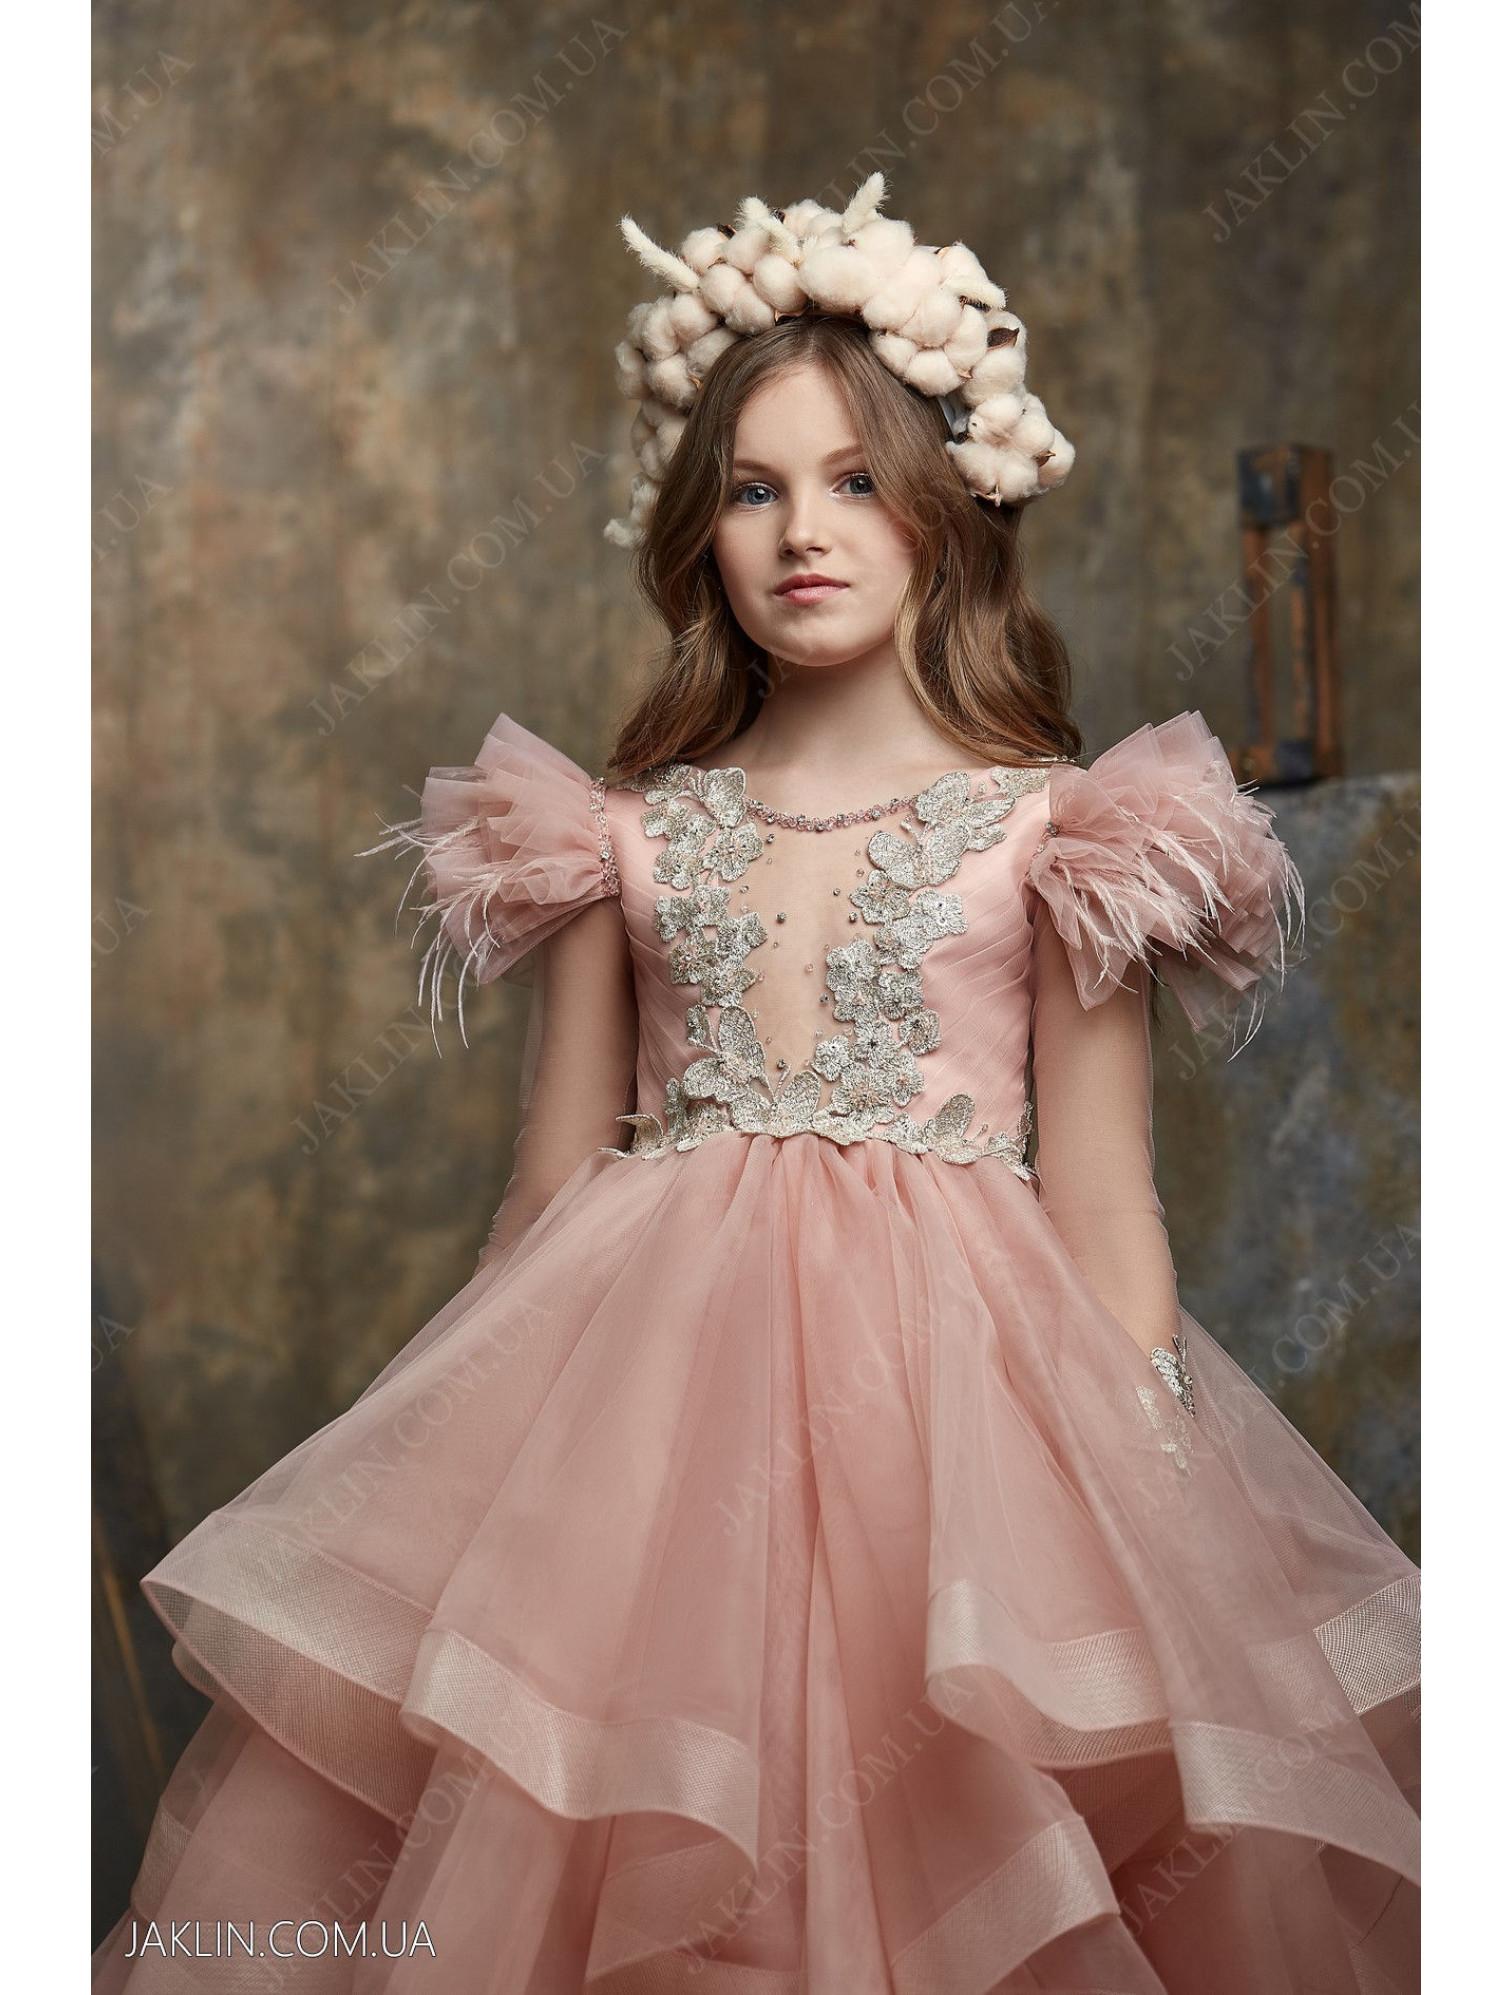 Дитяча сукня 3016